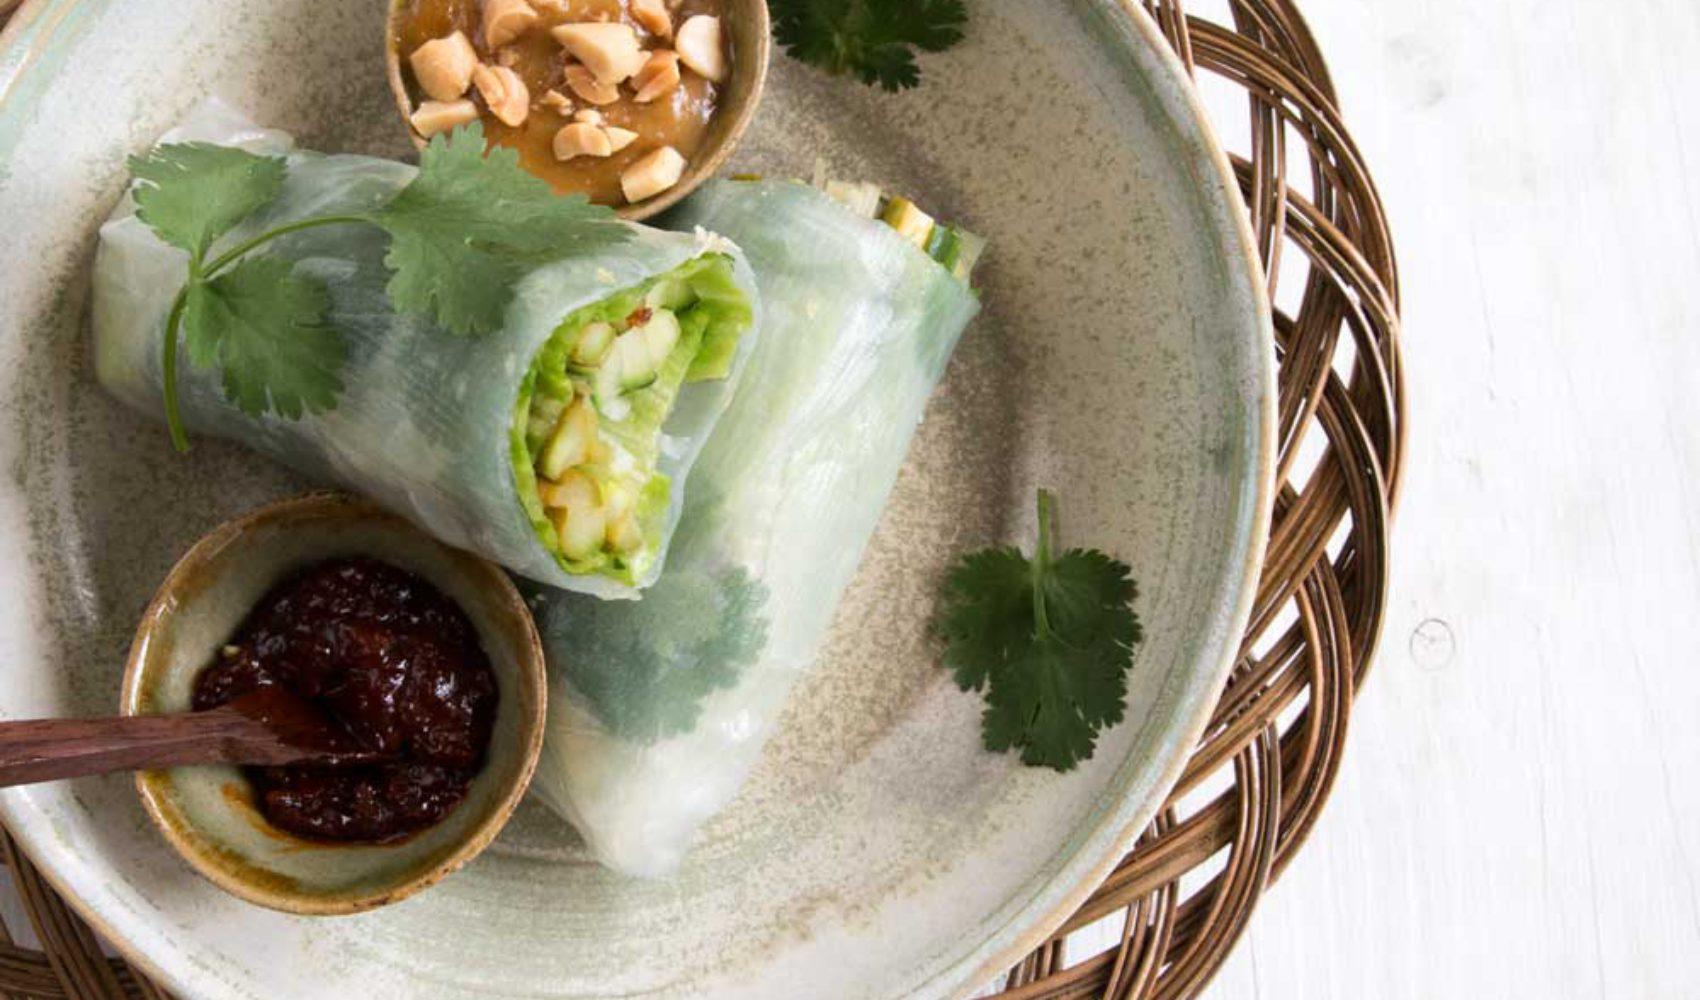 Grüner Spargel mit Sambal in Reispapierrollen